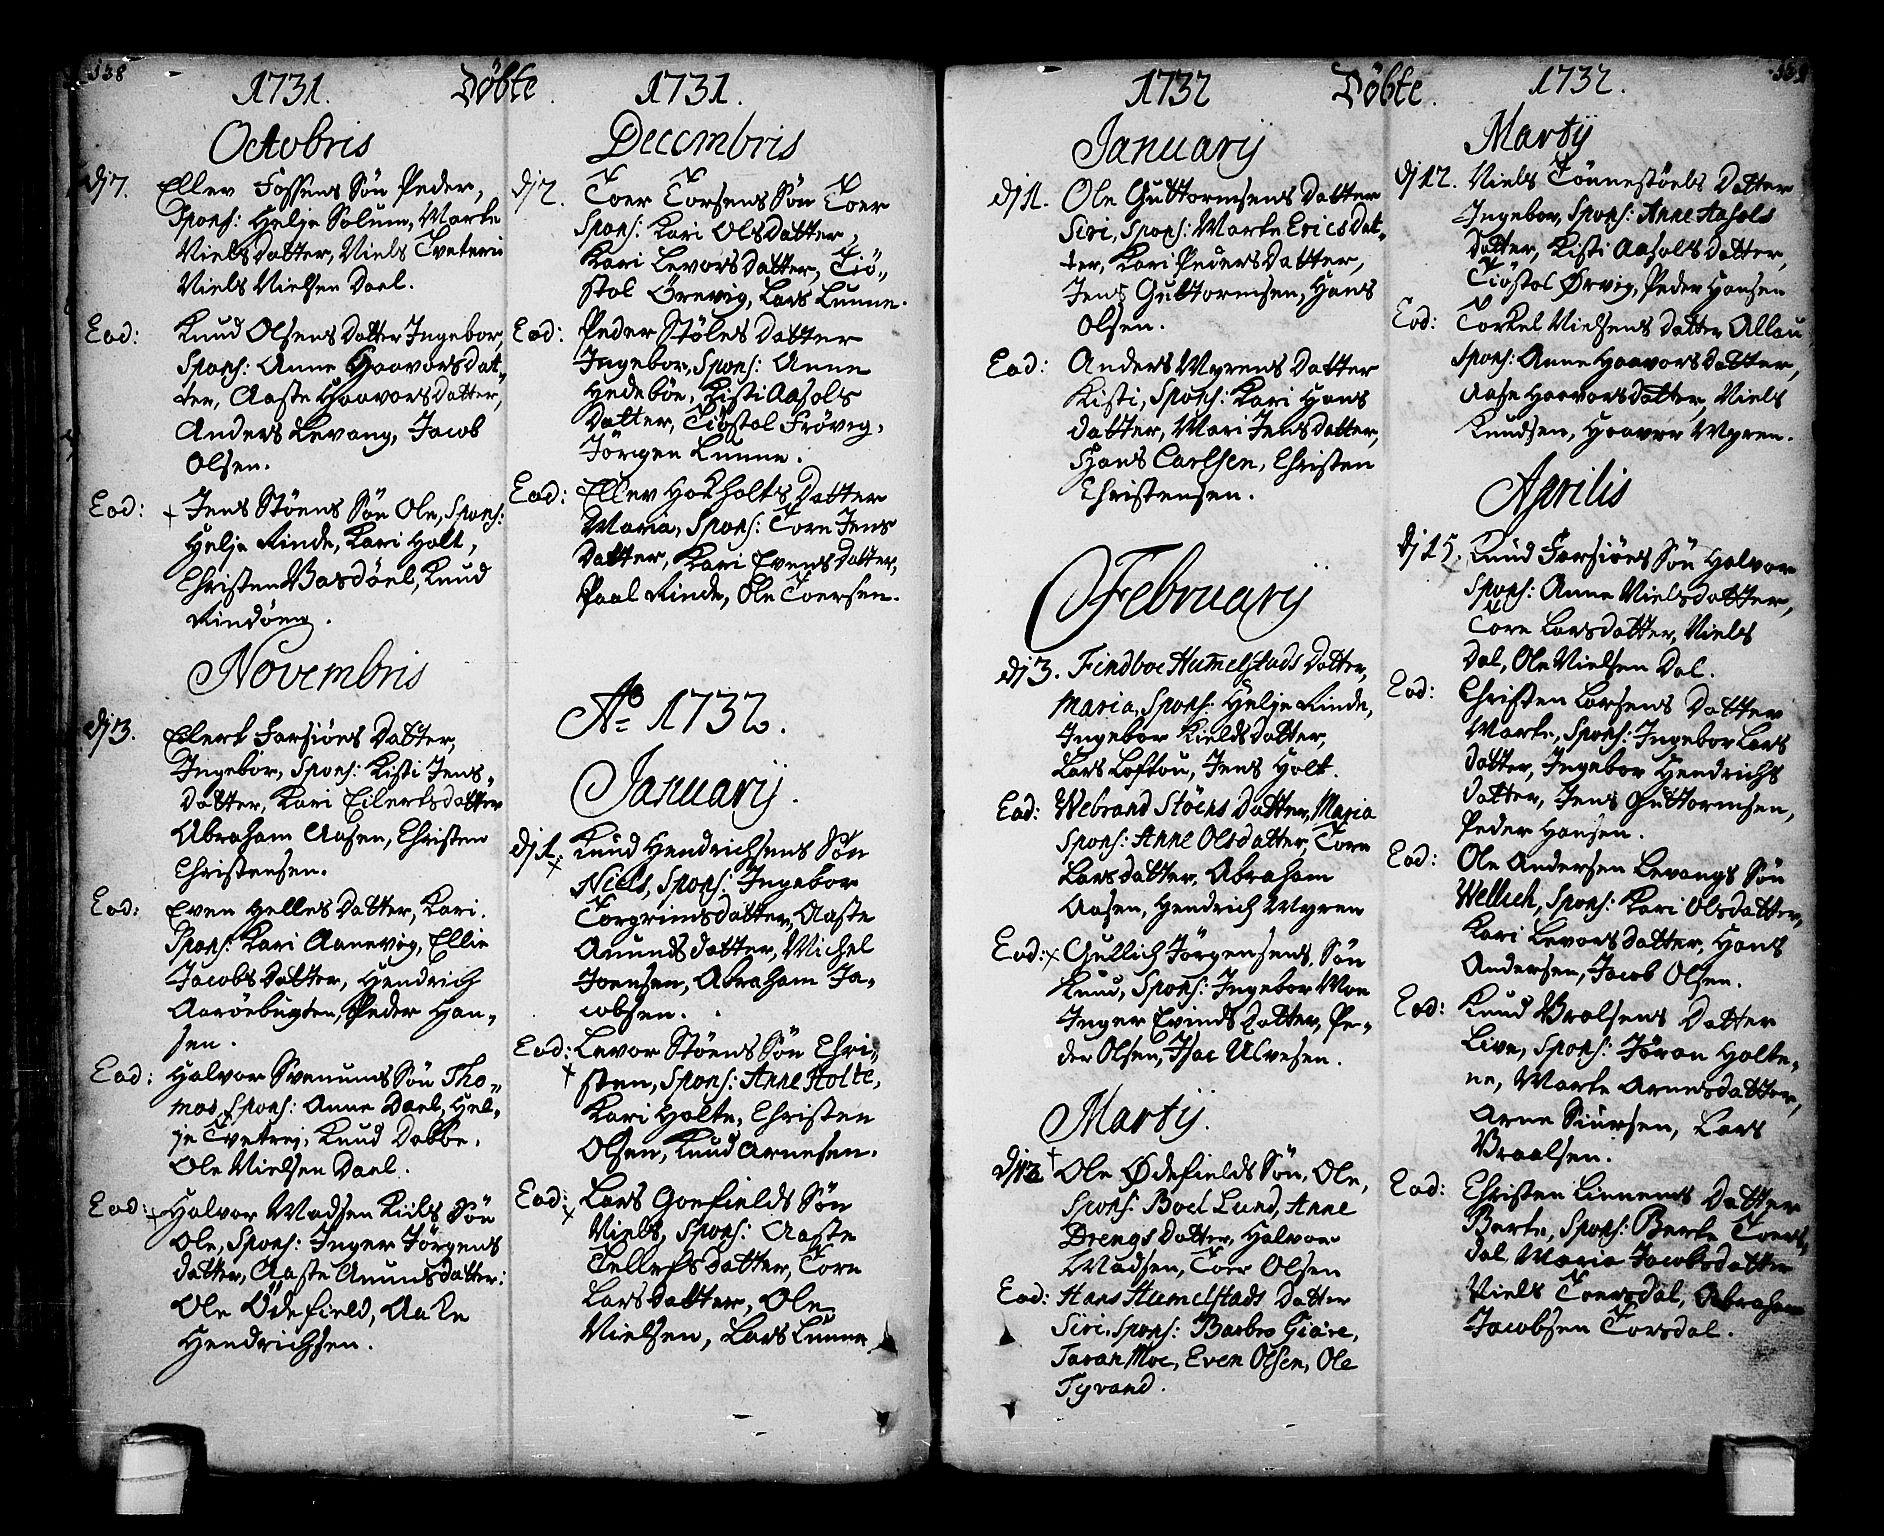 SAKO, Sannidal kirkebøker, F/Fa/L0001: Ministerialbok nr. 1, 1702-1766, s. 138-139